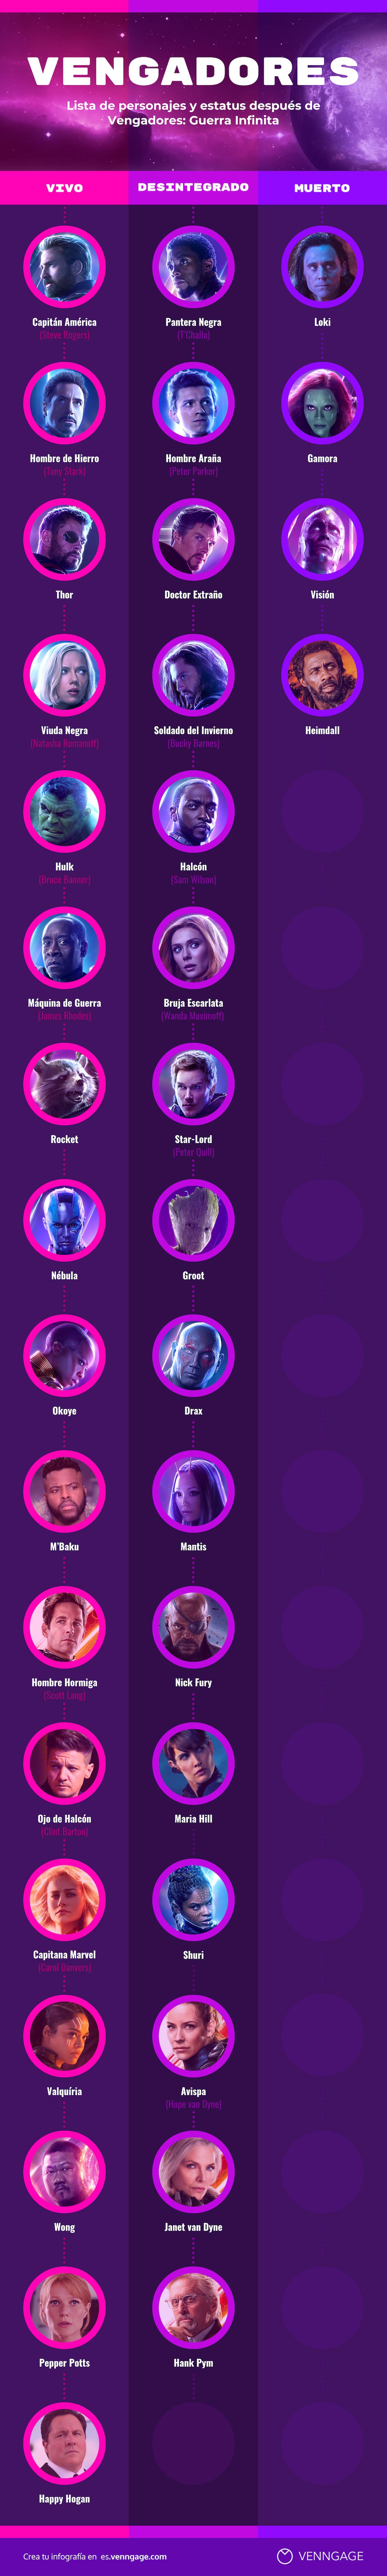 Vengadores Lista de Personajes